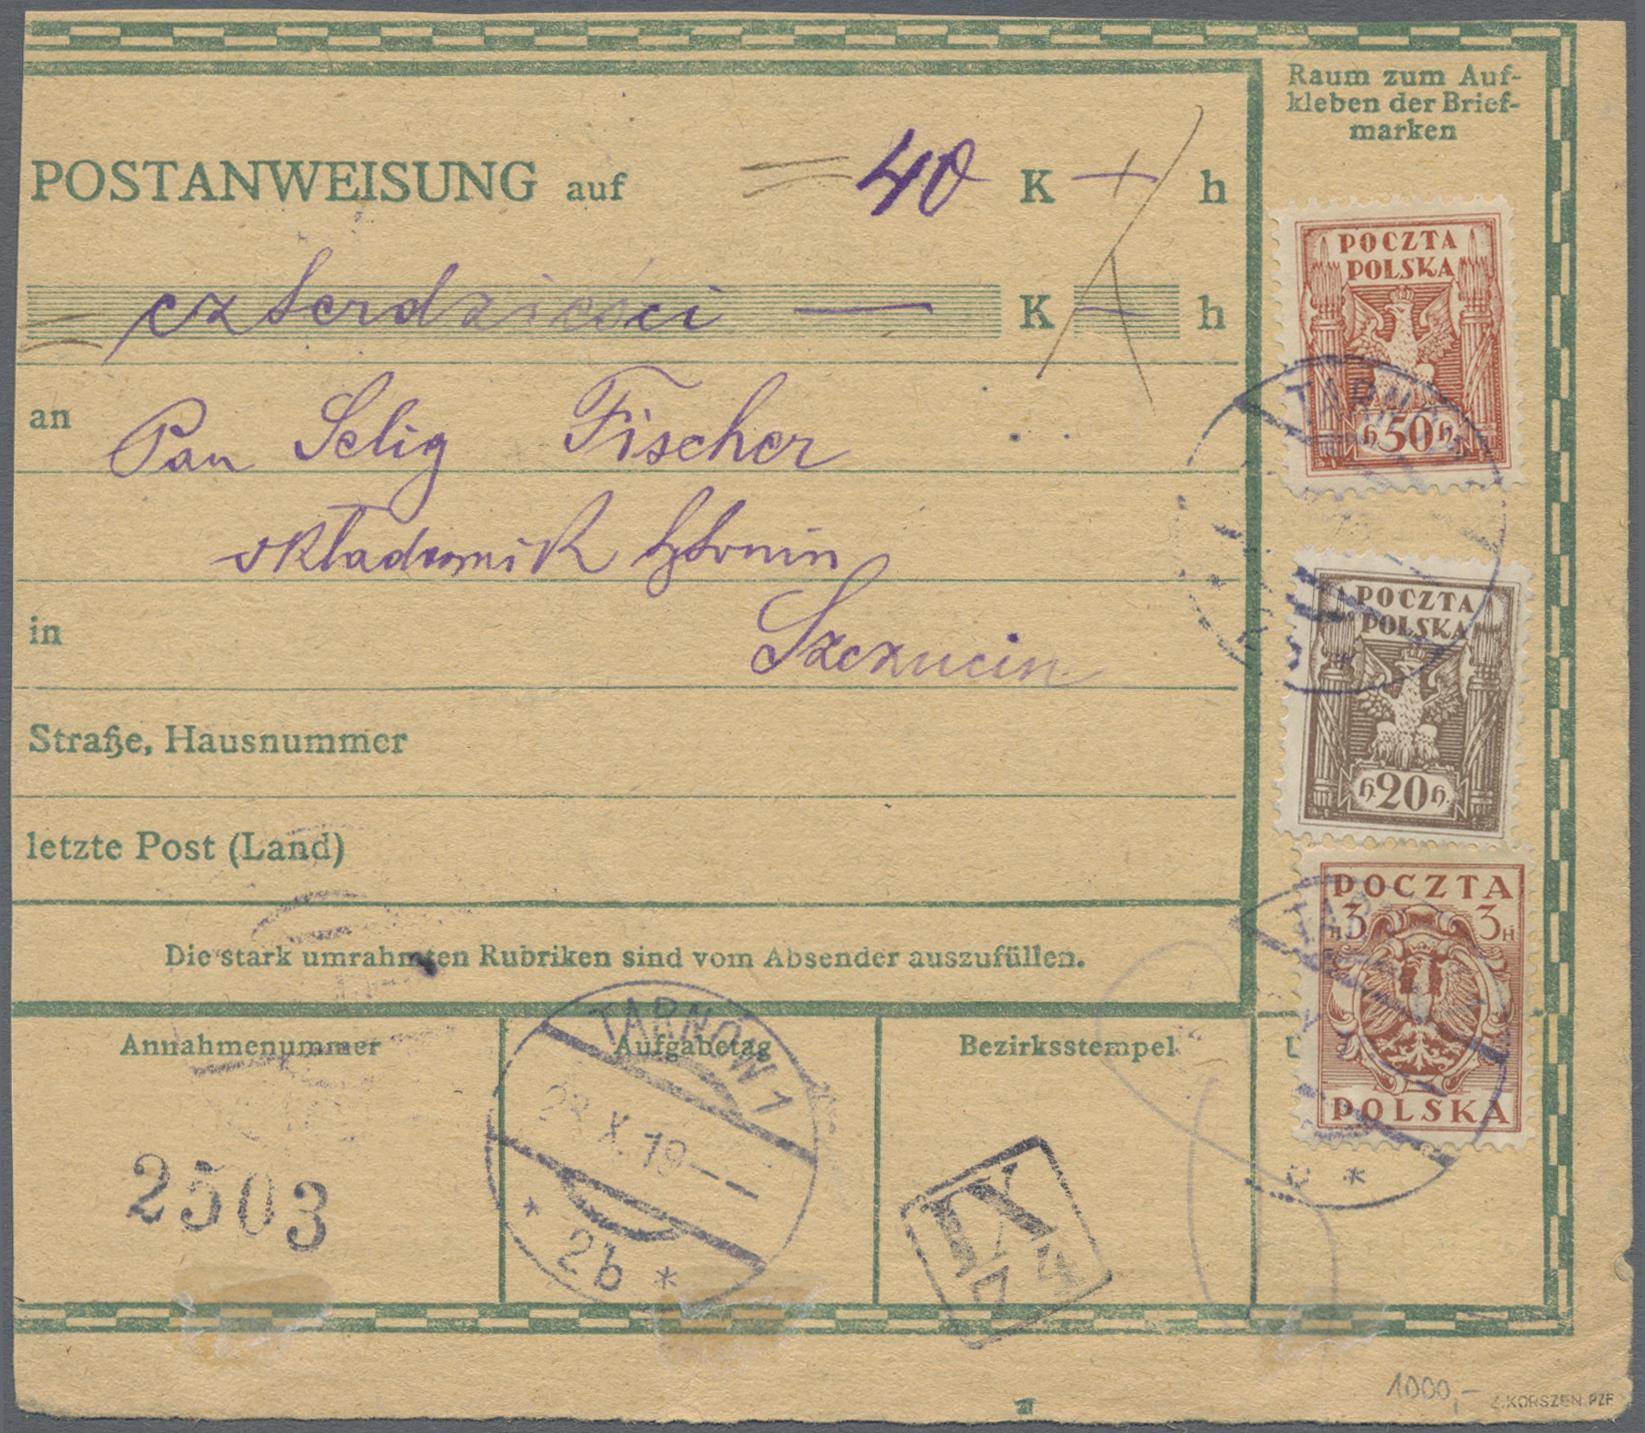 Lot 1572 - Polen - Lokalausgaben 1915/19  -  Auktionshaus Christoph Gärtner GmbH & Co. KG Auction #41 Special auction part two